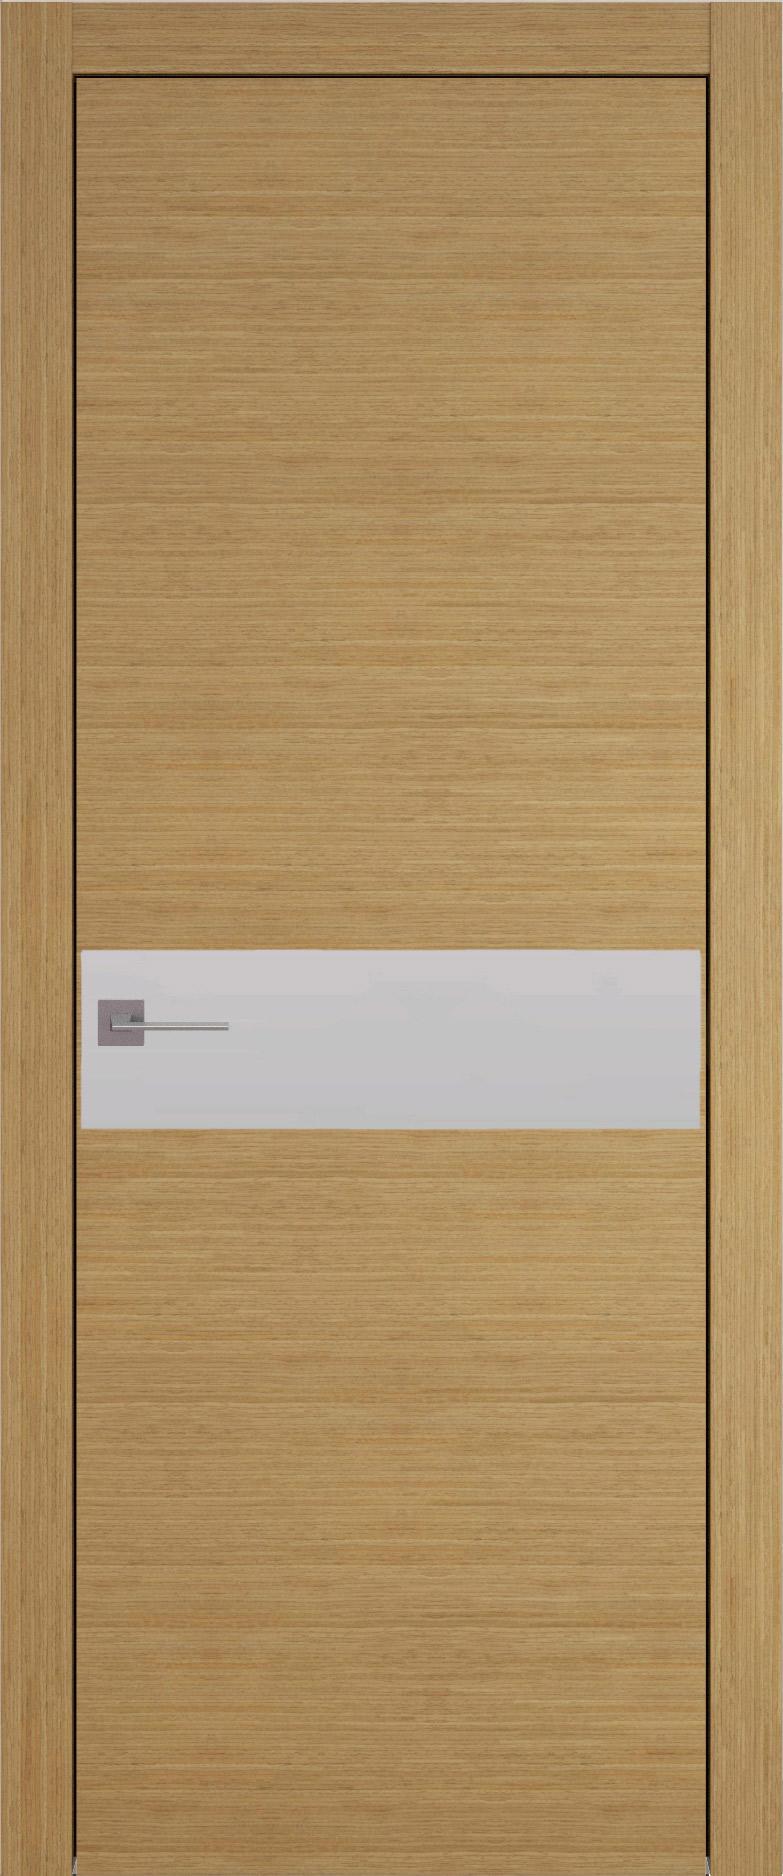 Tivoli И-4 цвет - Миланский орех Без стекла (ДГ)